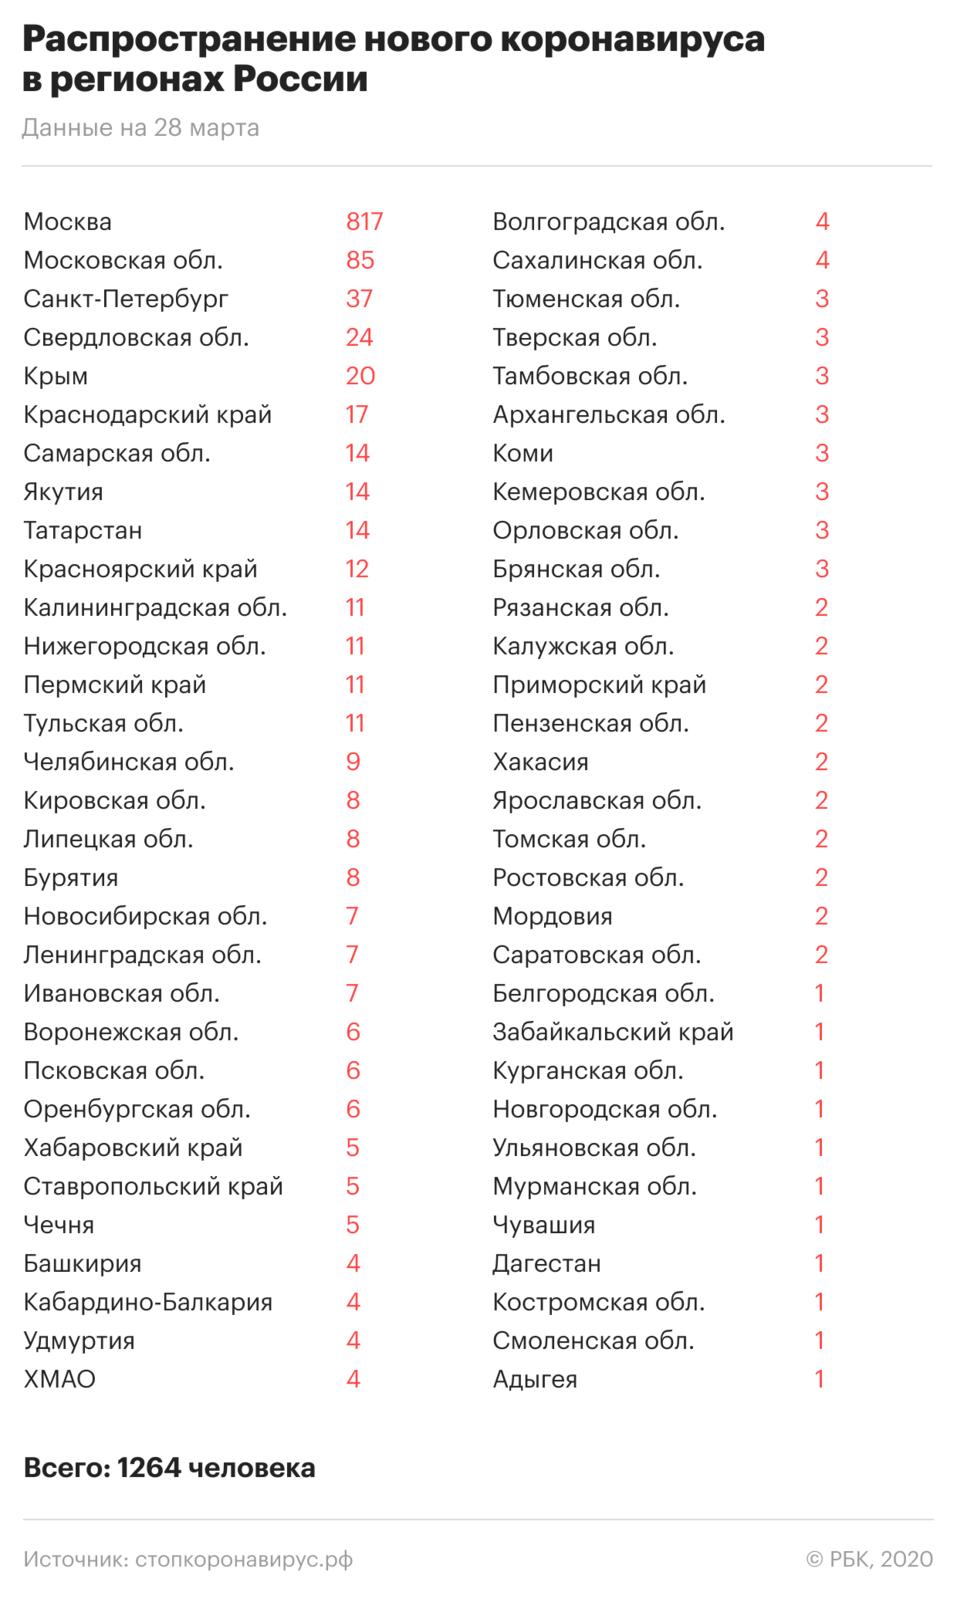 У медсестры БСМП в Красноярске обнаружили коронавирус   1